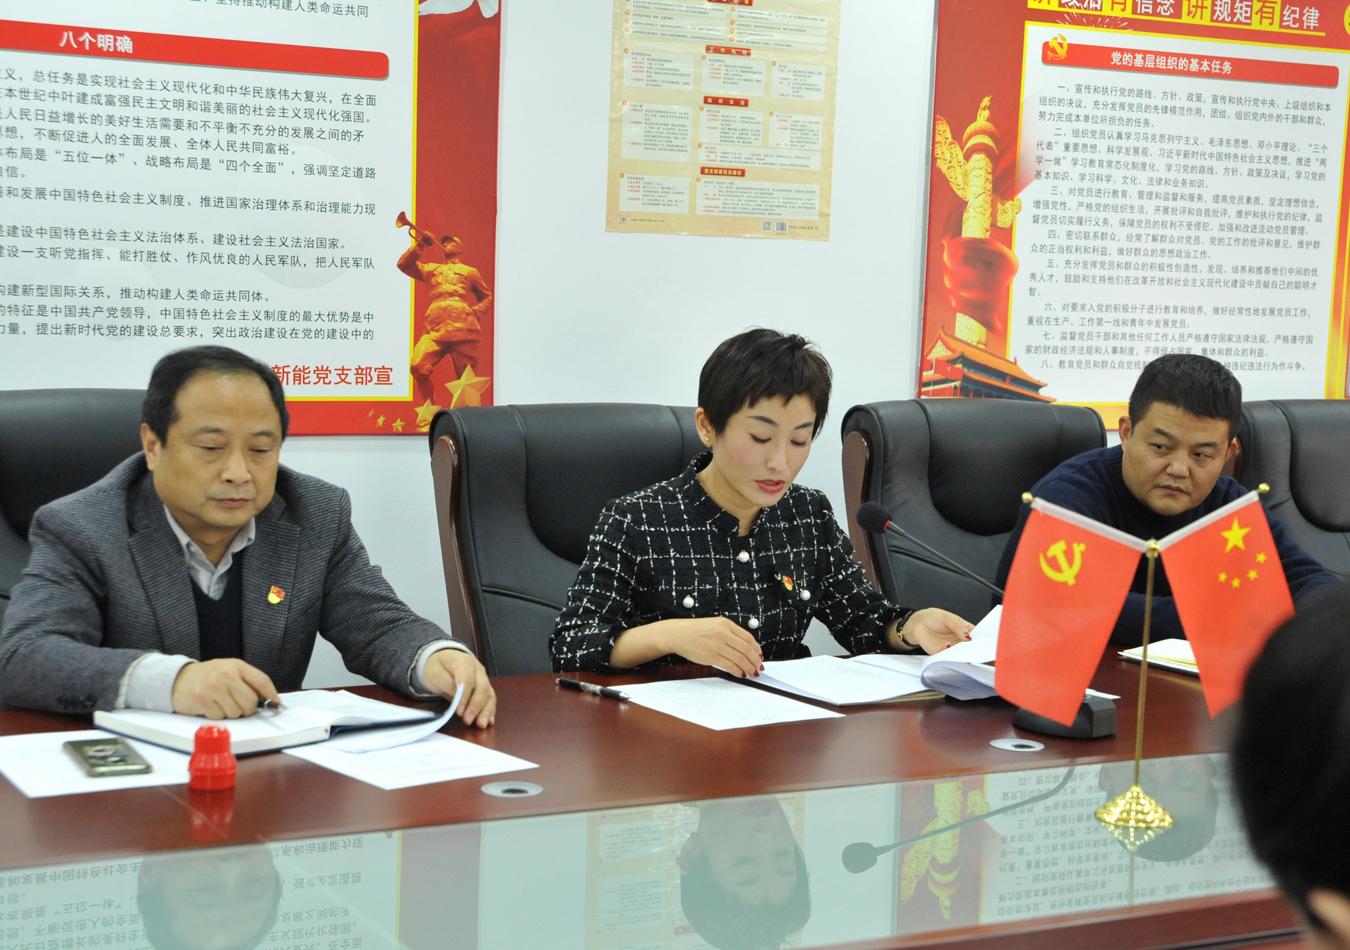 博阳新能党支部召开专题组织生活会暨开展民主评议党员活动